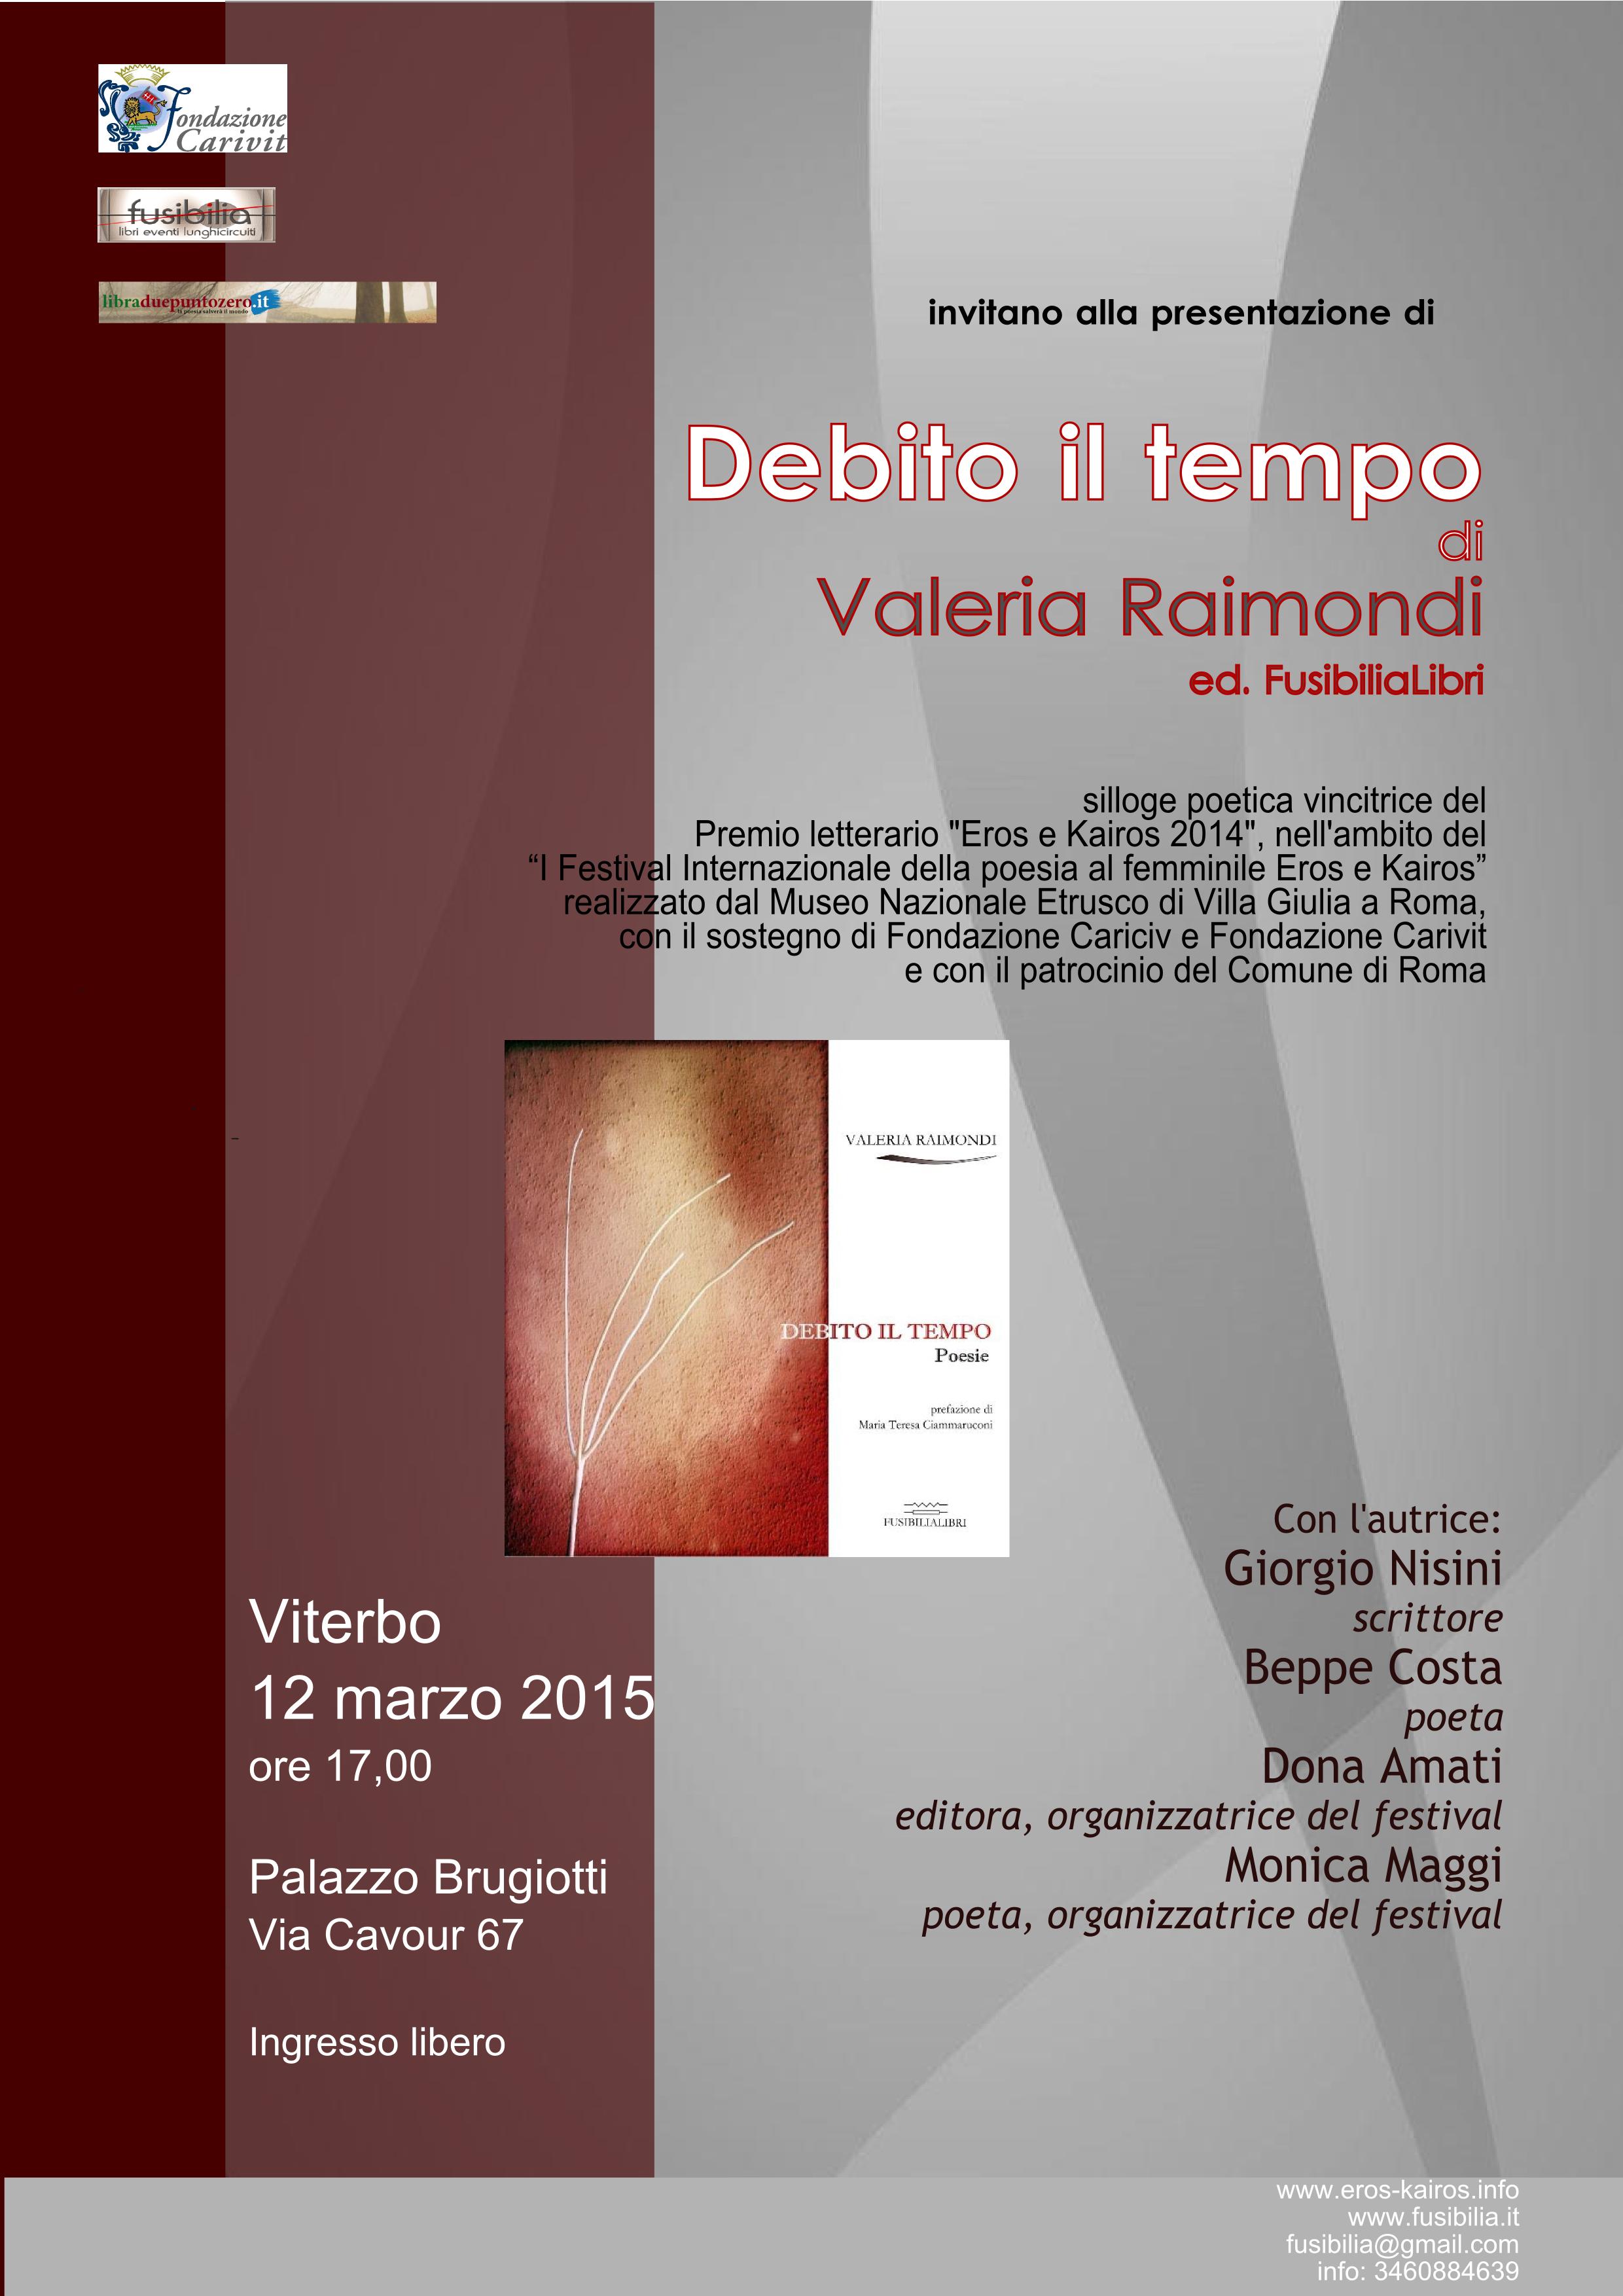 Loca_valeria_raimondi_debito_il_tempo